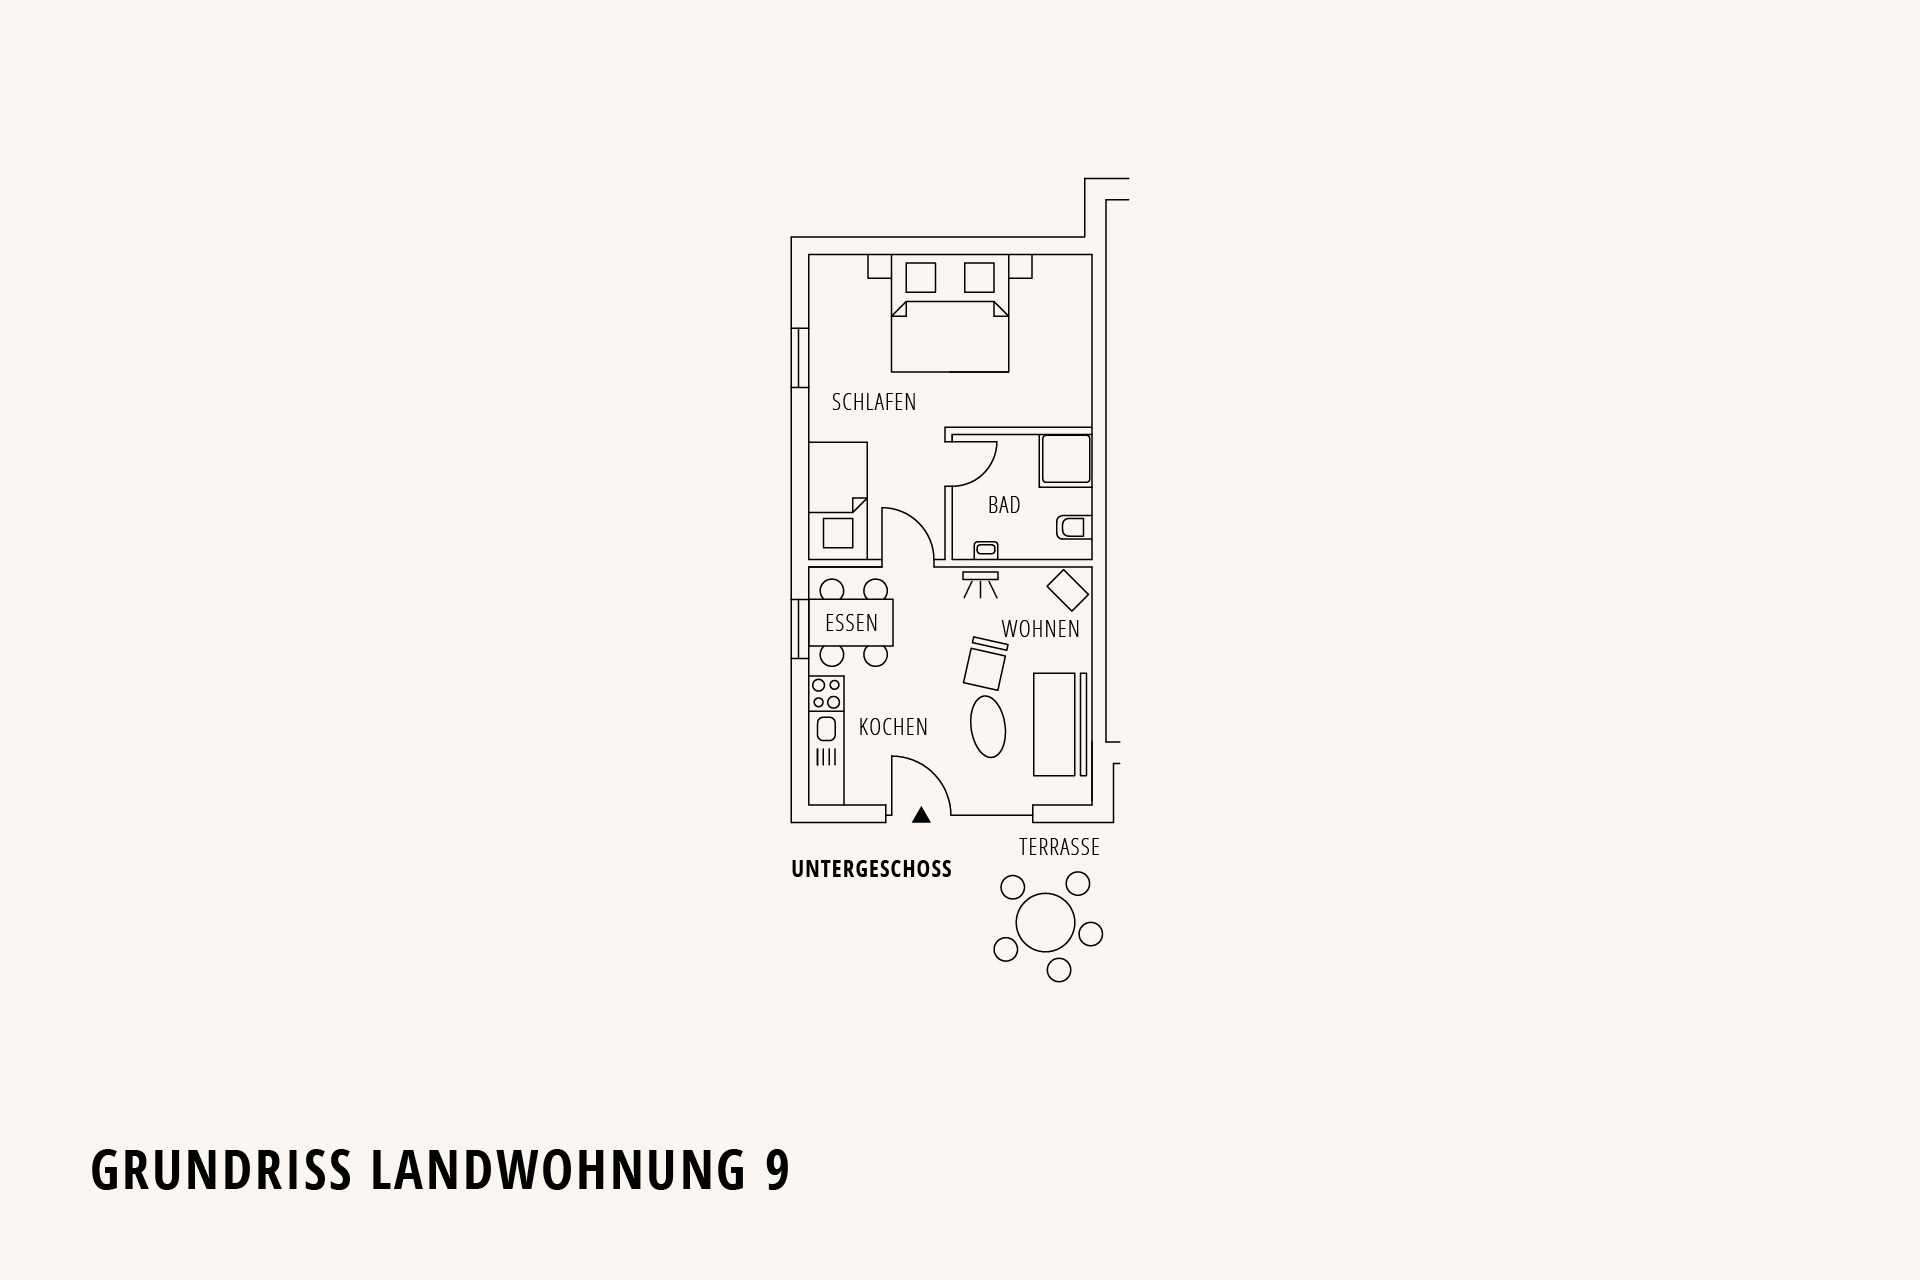 Landwohnung_9_Grundriss